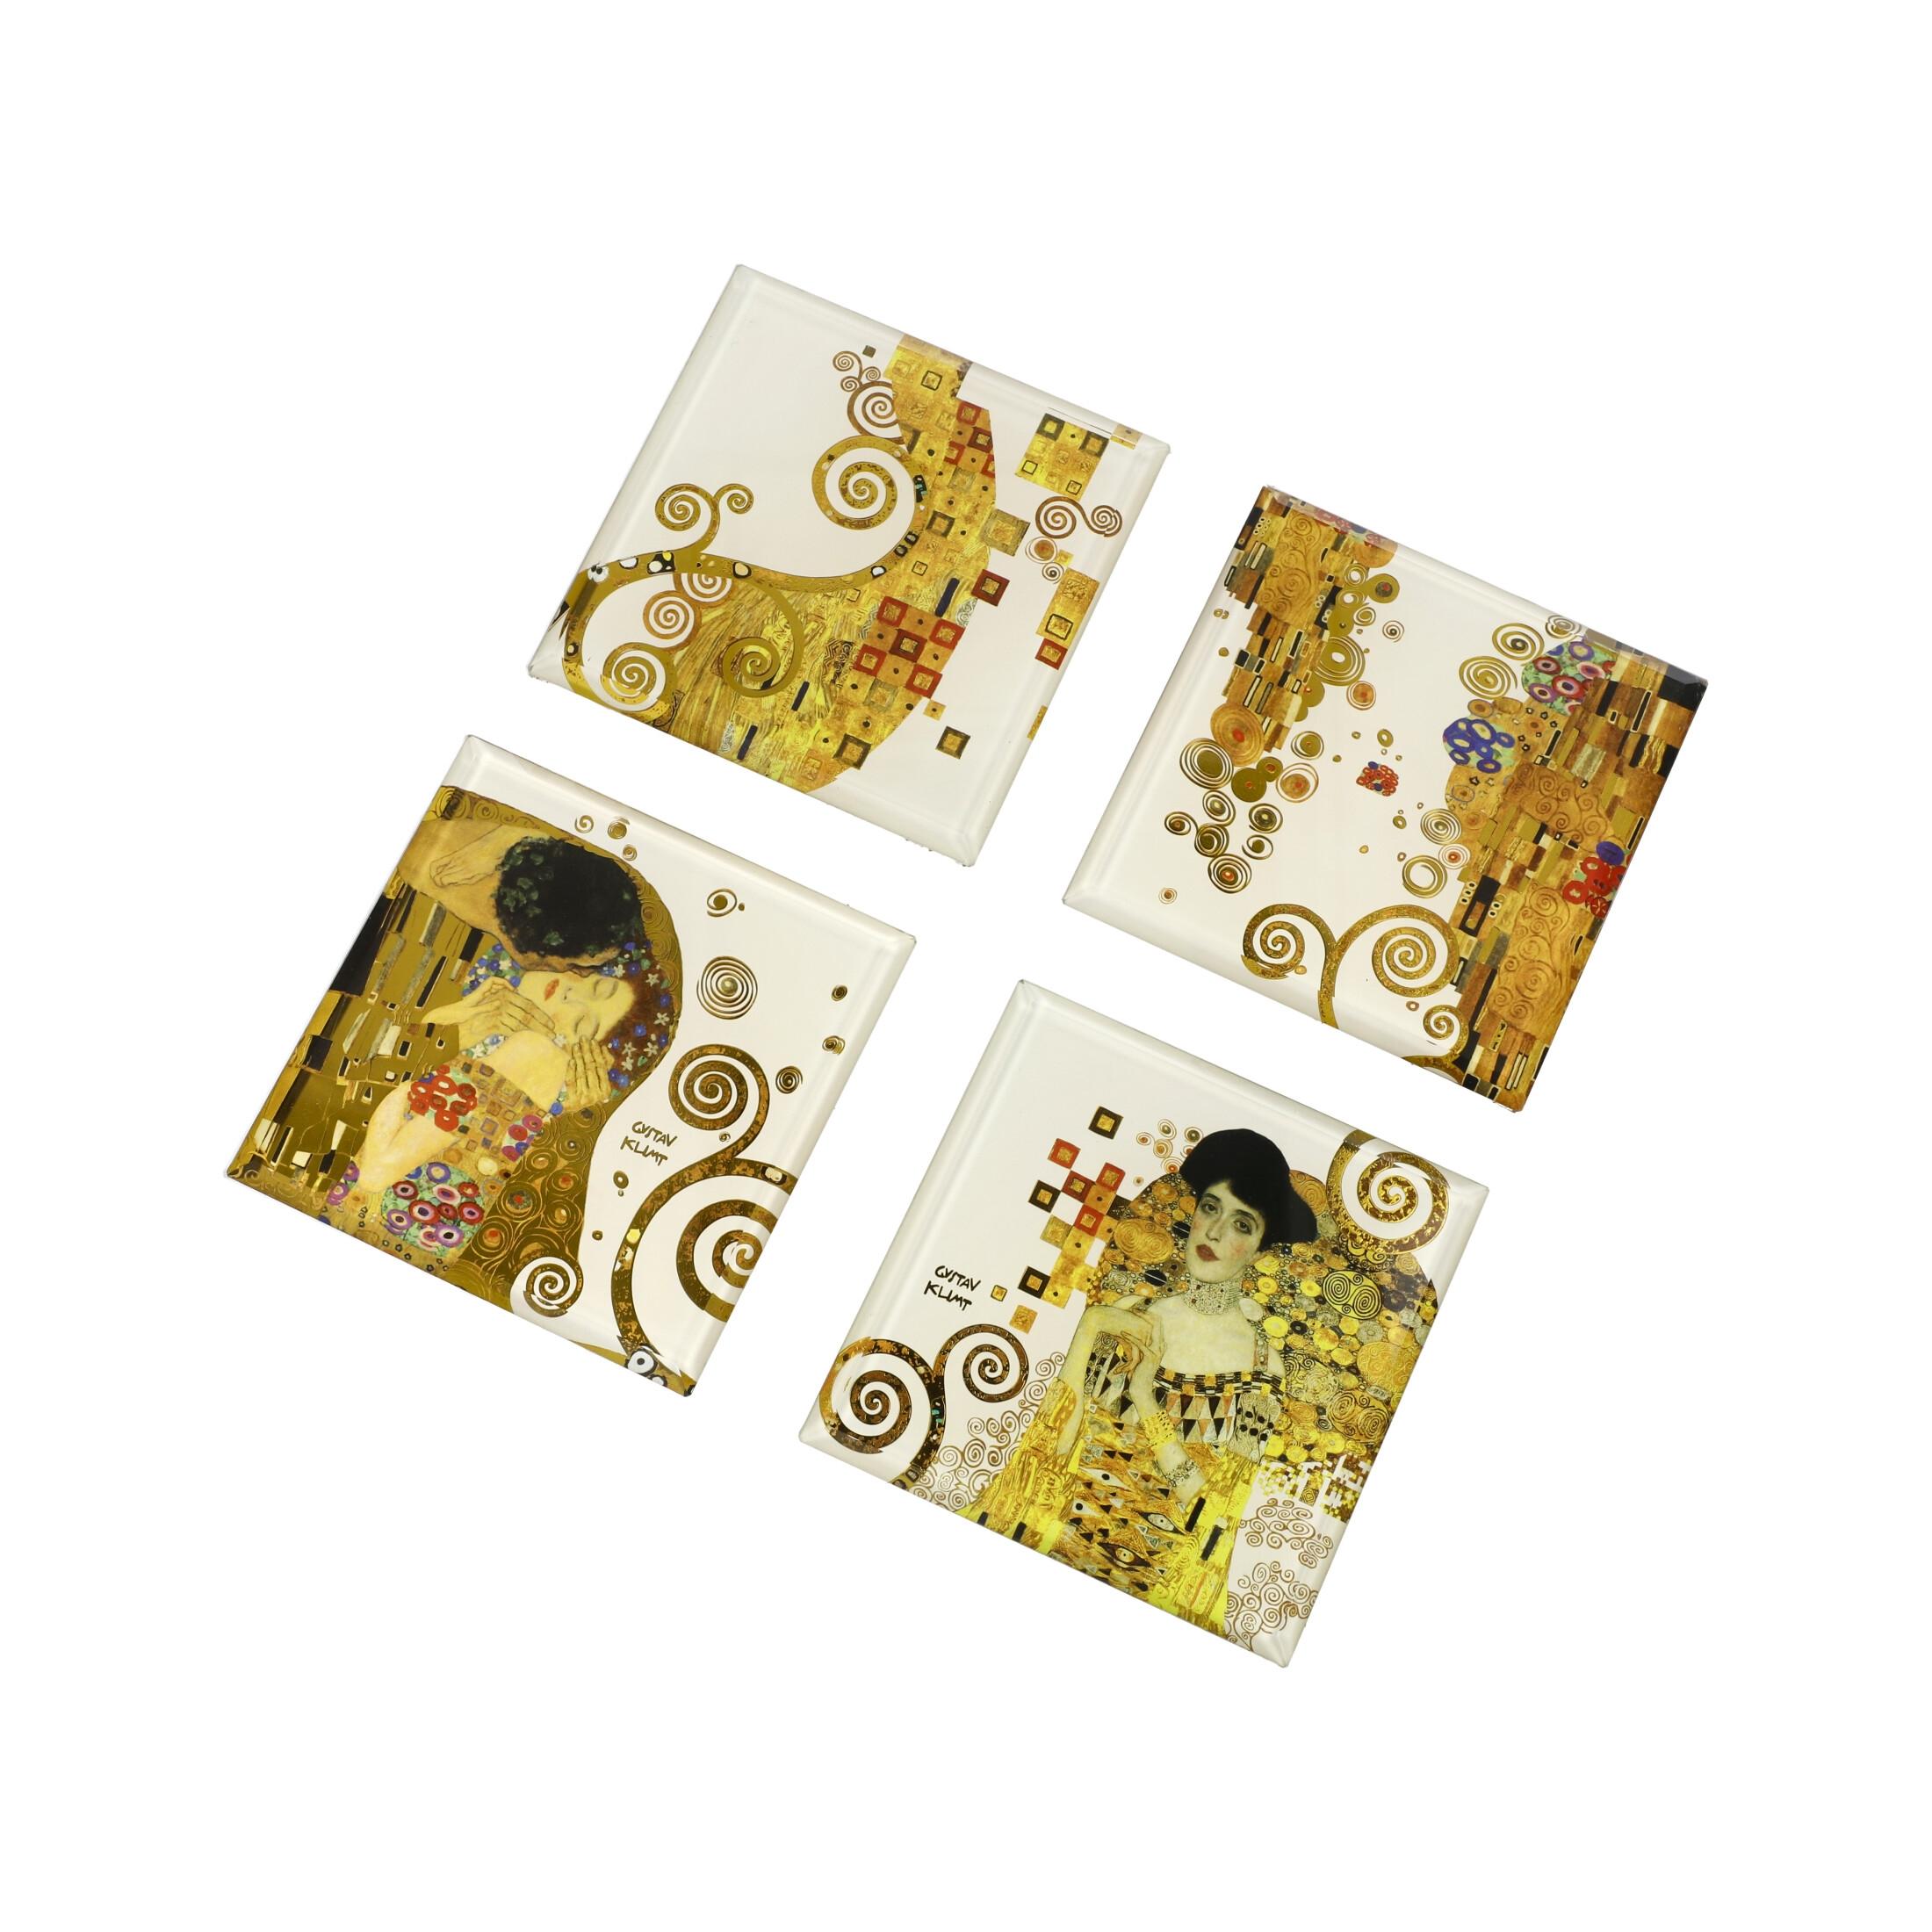 Goebel Artis Orbis Gustav Klimt 'AO GK US Set Kuss, Adele 10x10' 2021